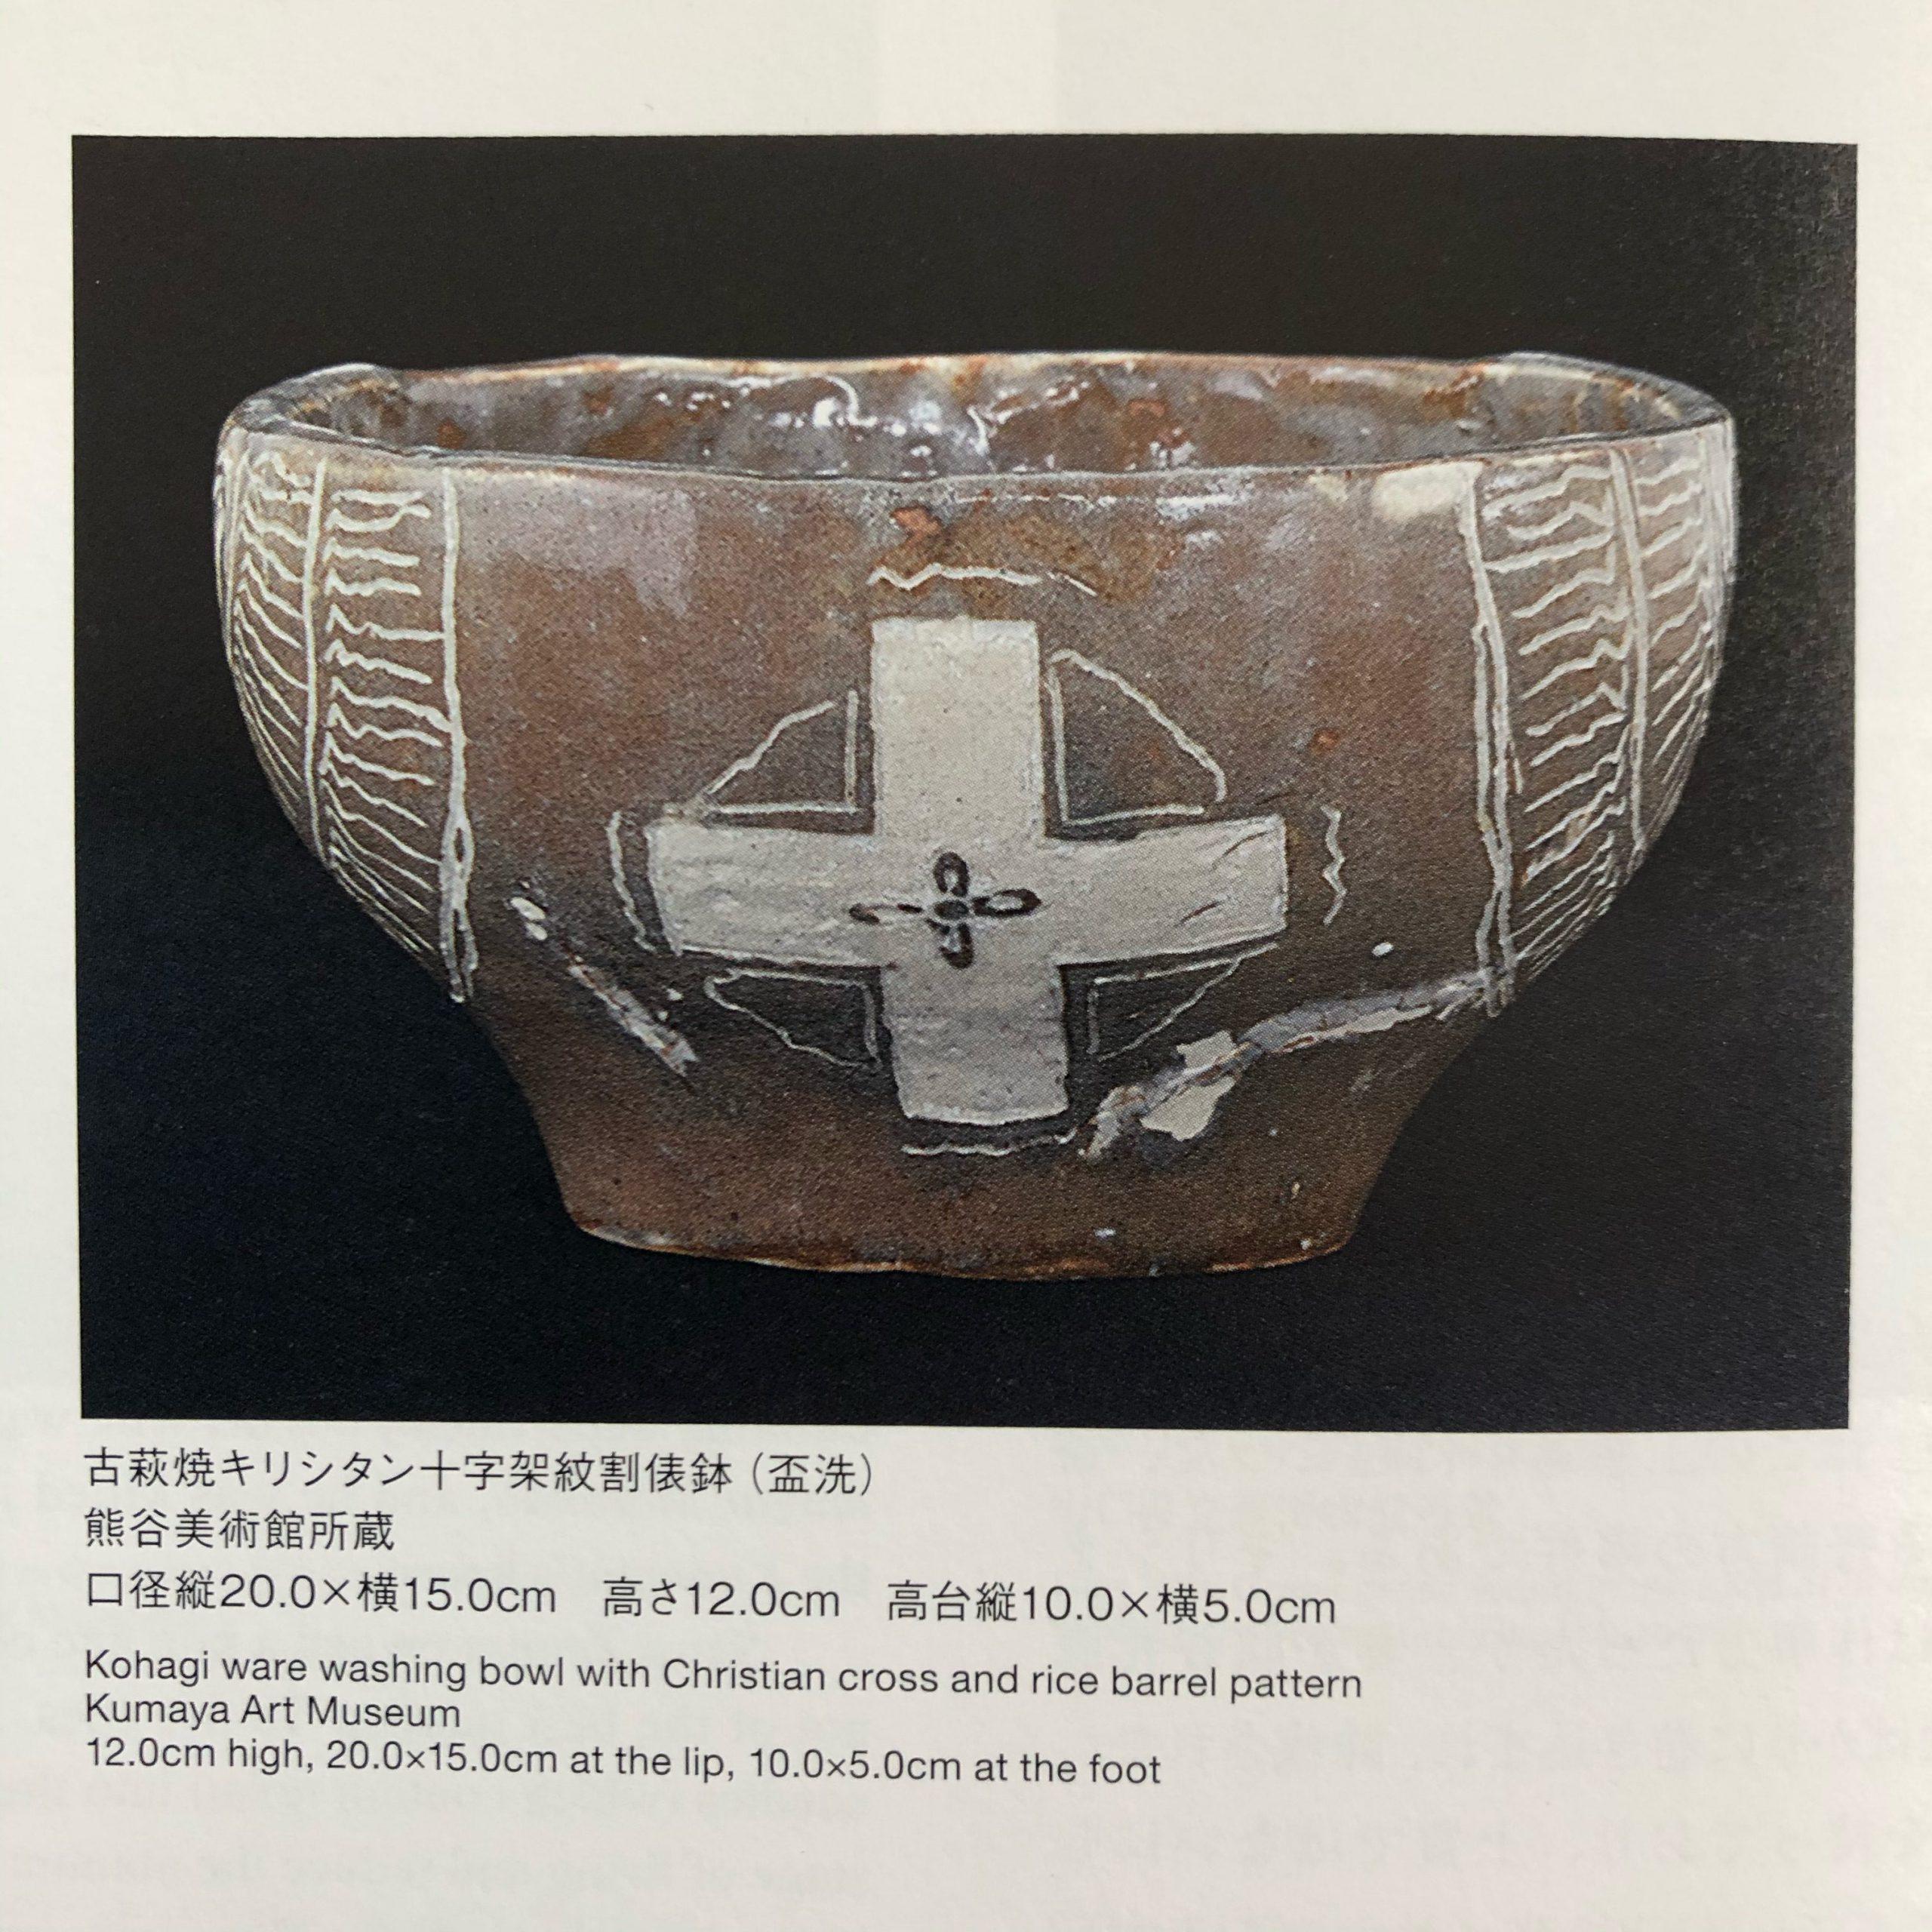 画像:【熊谷美術館】春夏展「樂中苦々中樂」